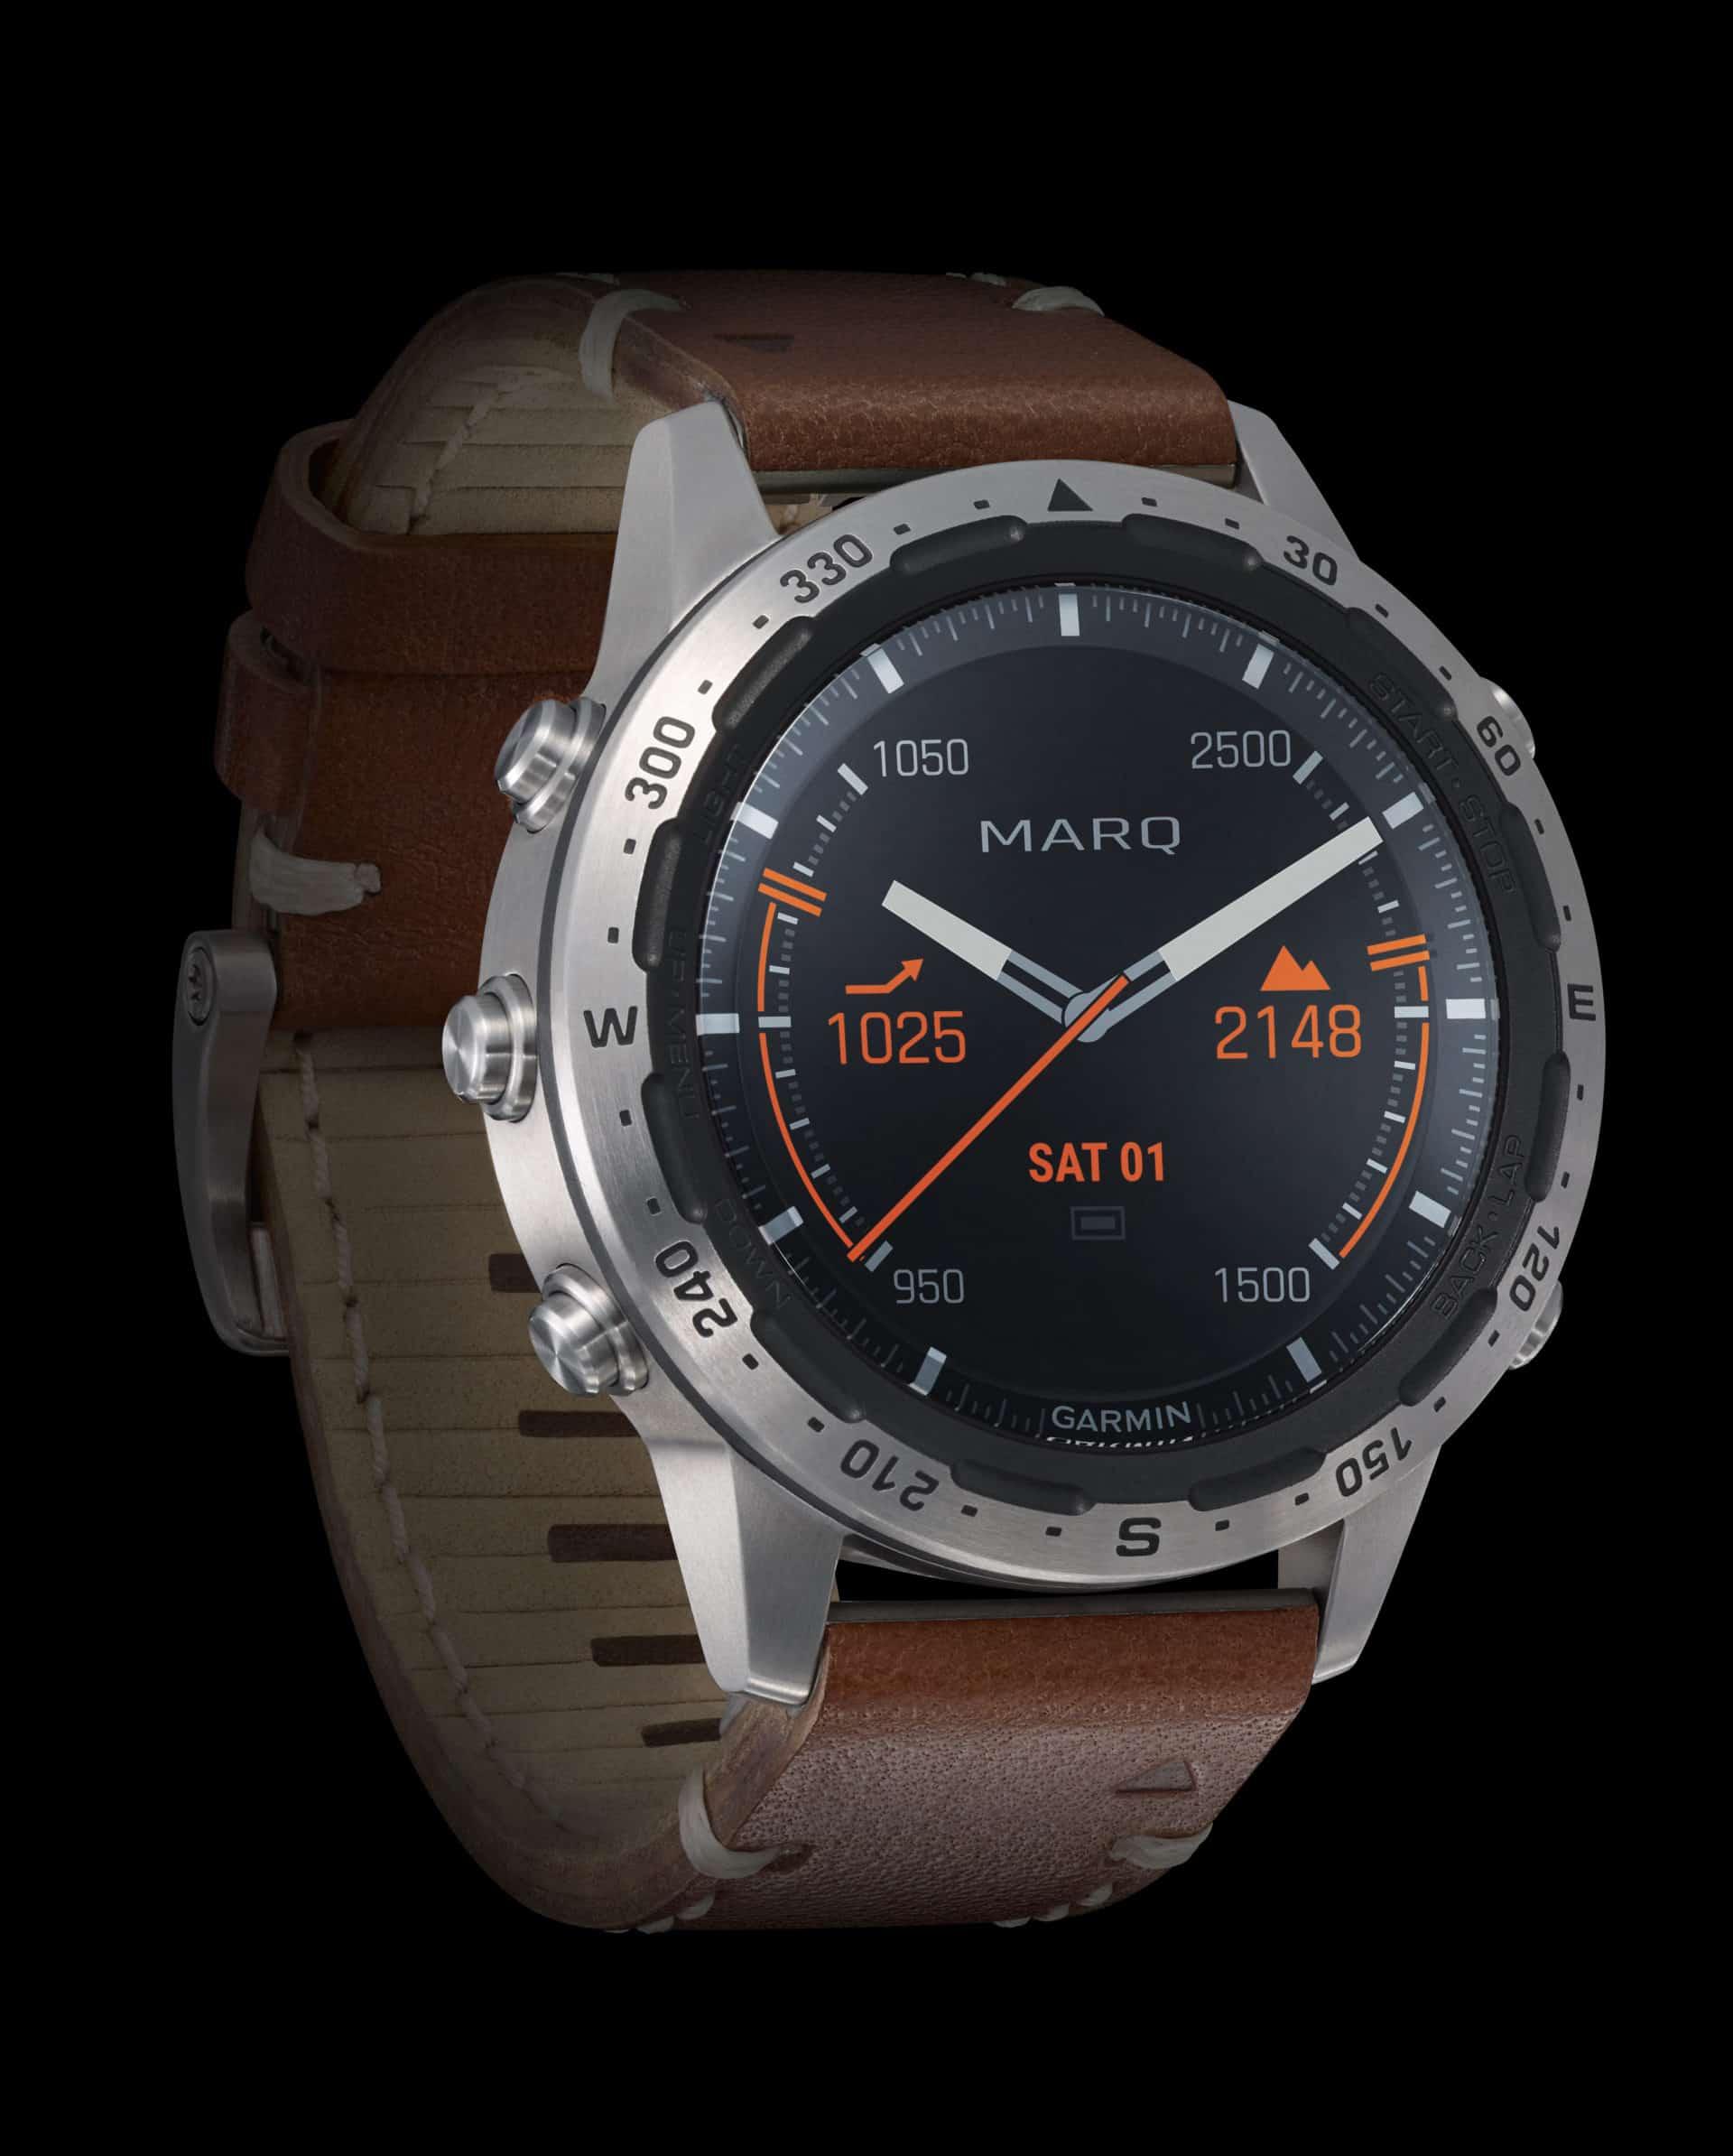 Smarte Aktivität am Handgelenk: Die Garmin Marq Expedition Smartwatch